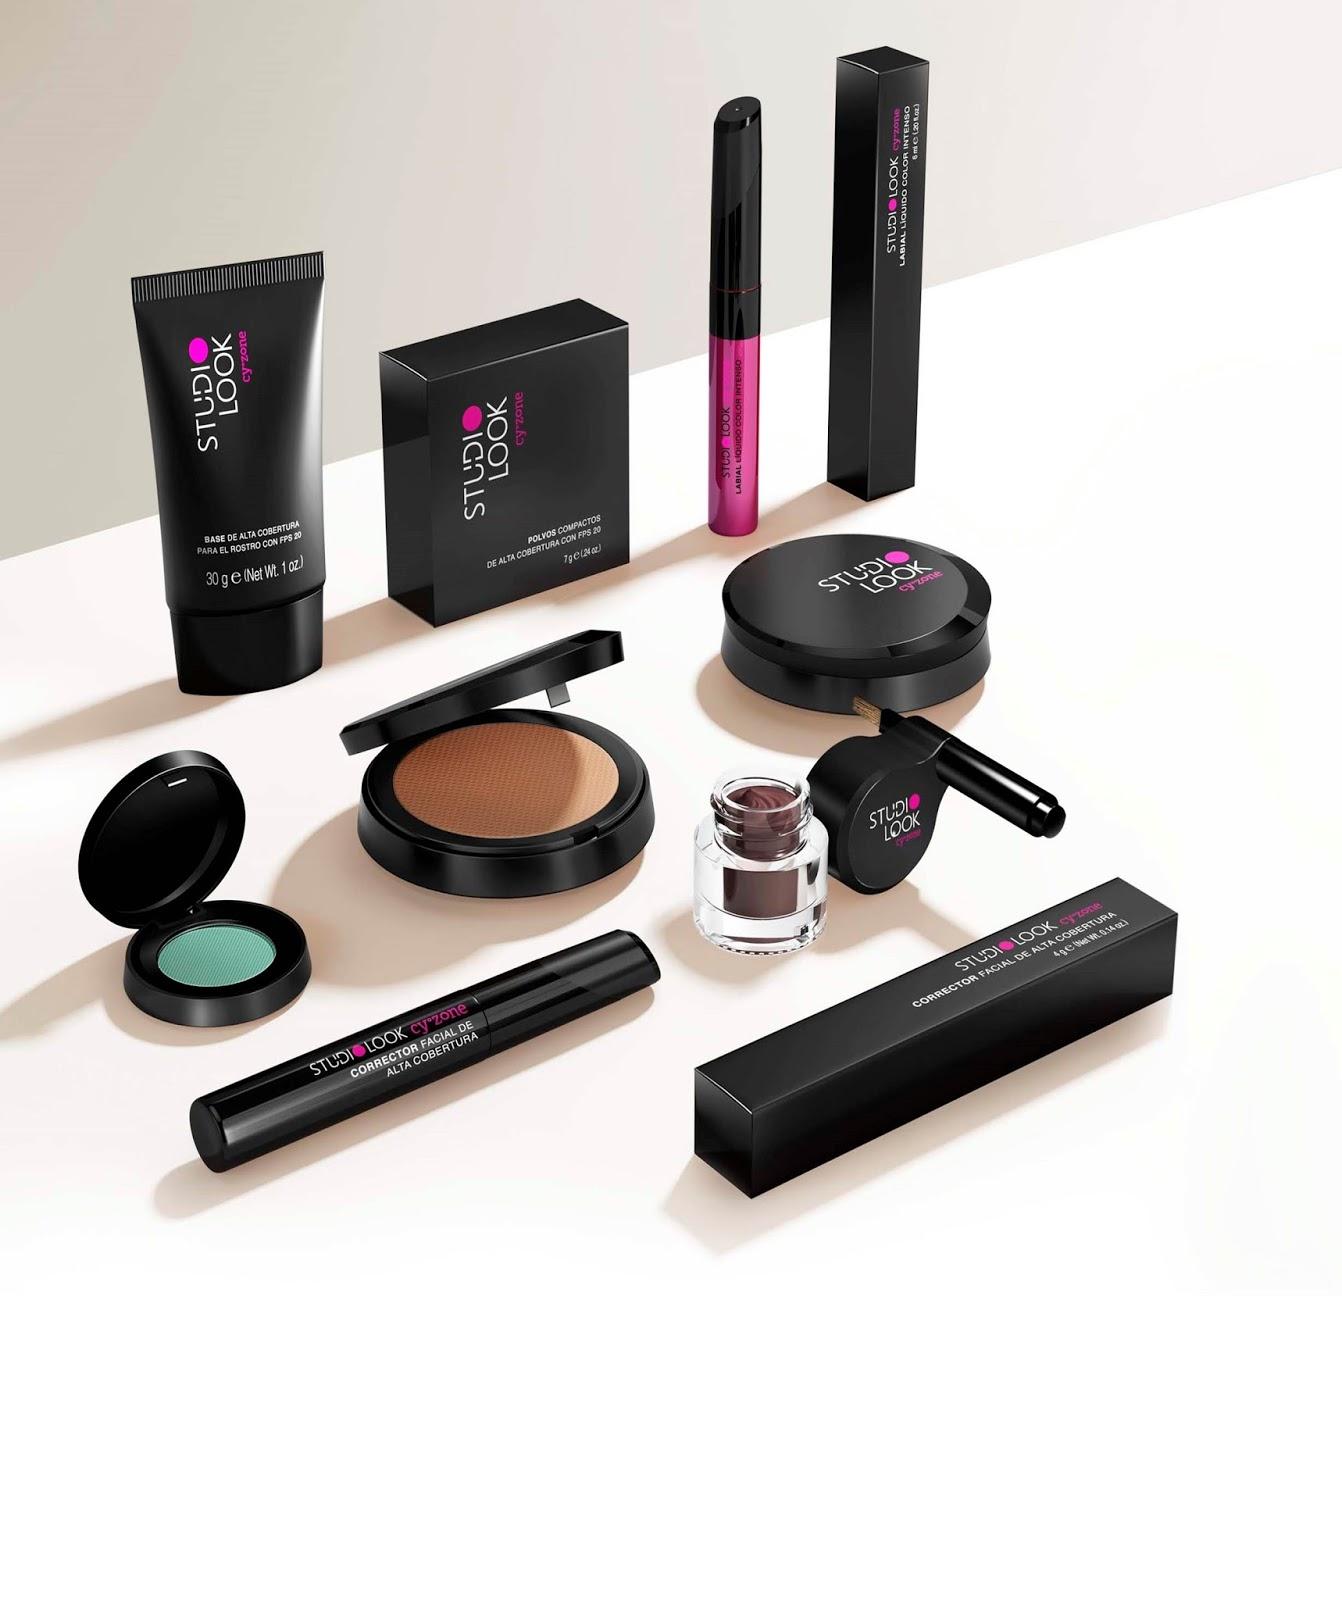 1755f233c Belcorp y su marca Cyzone presentan su nueva línea de maquillaje, creada  para las chicas que les gusta lucir siempre increíbles en sus fotos.